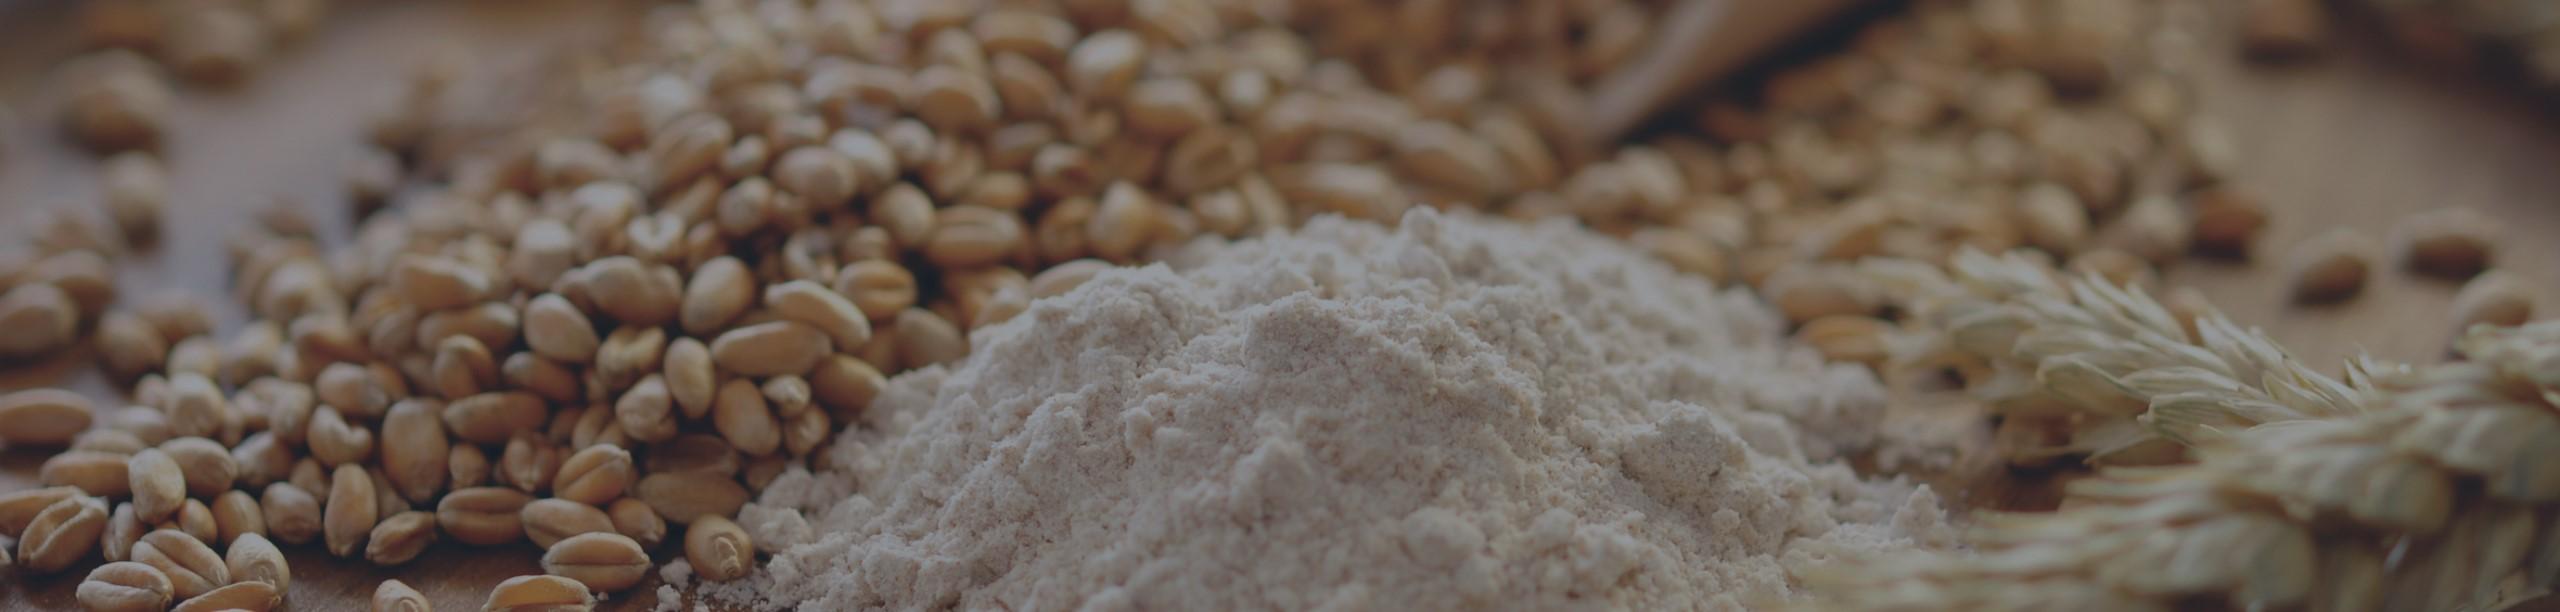 Grains1-4